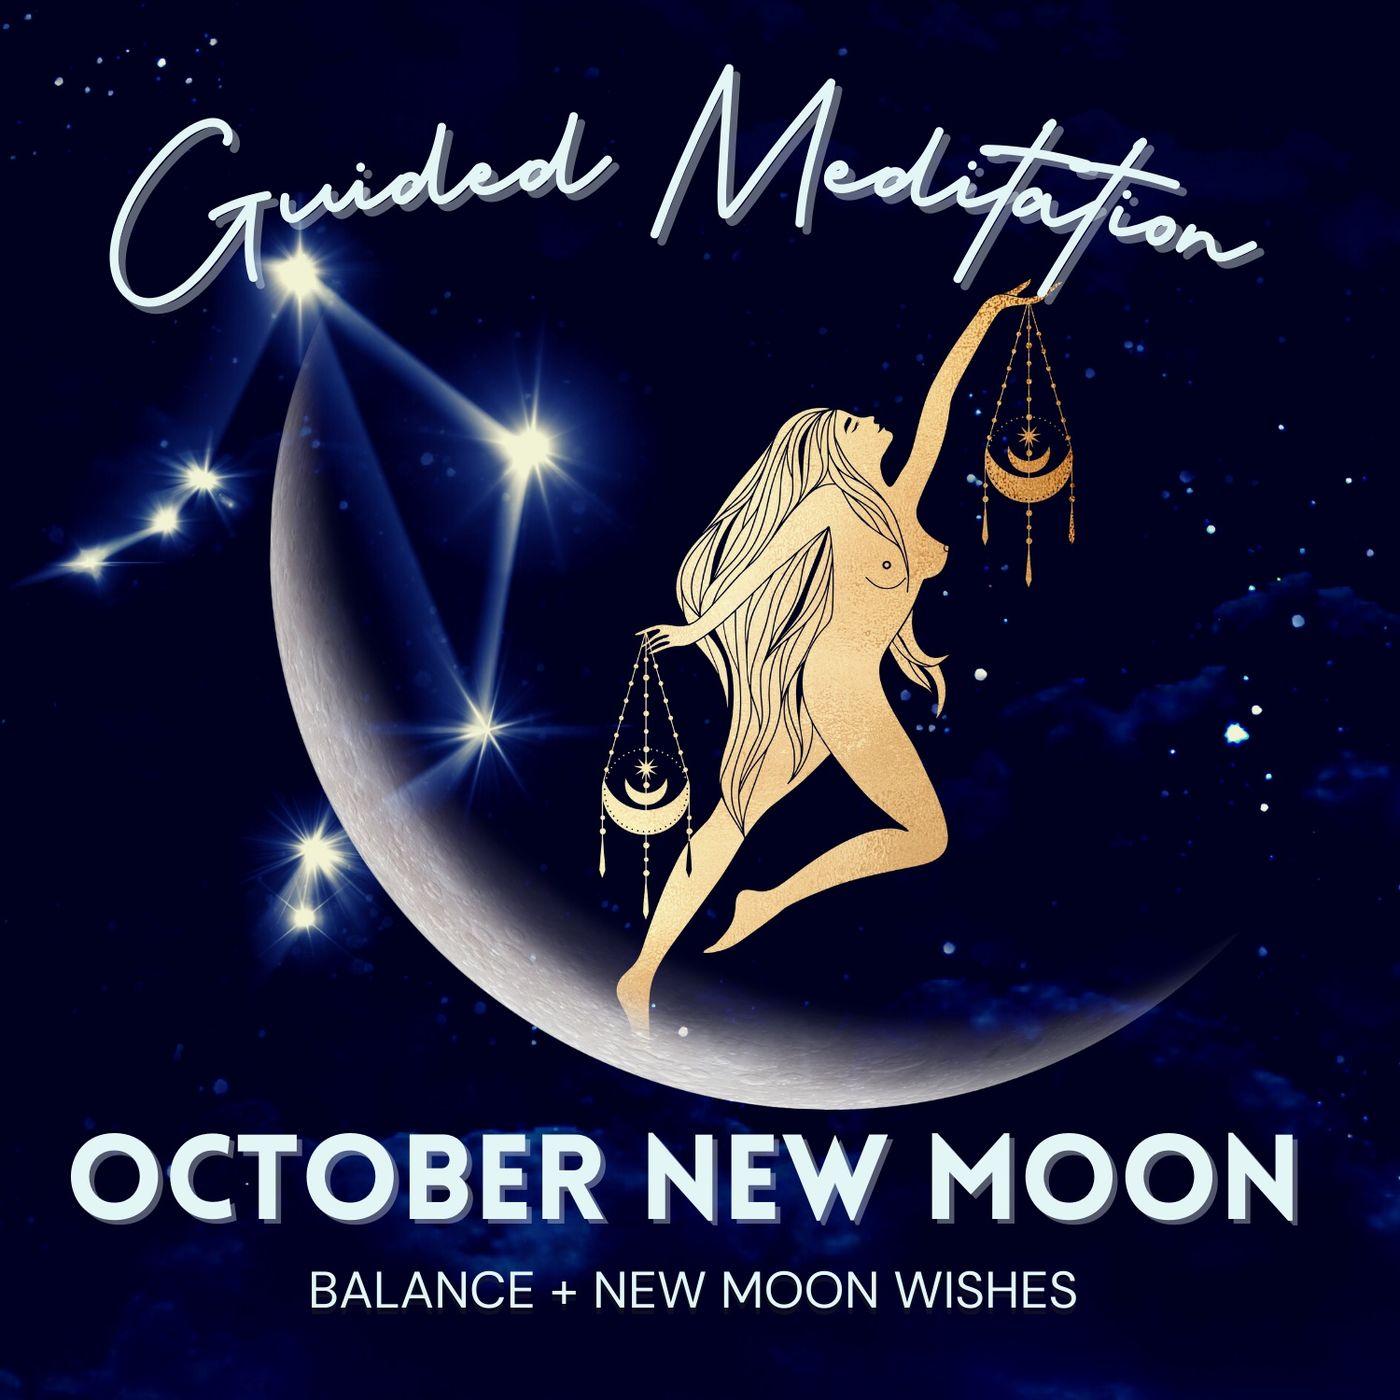 October New Moon Guided Meditation